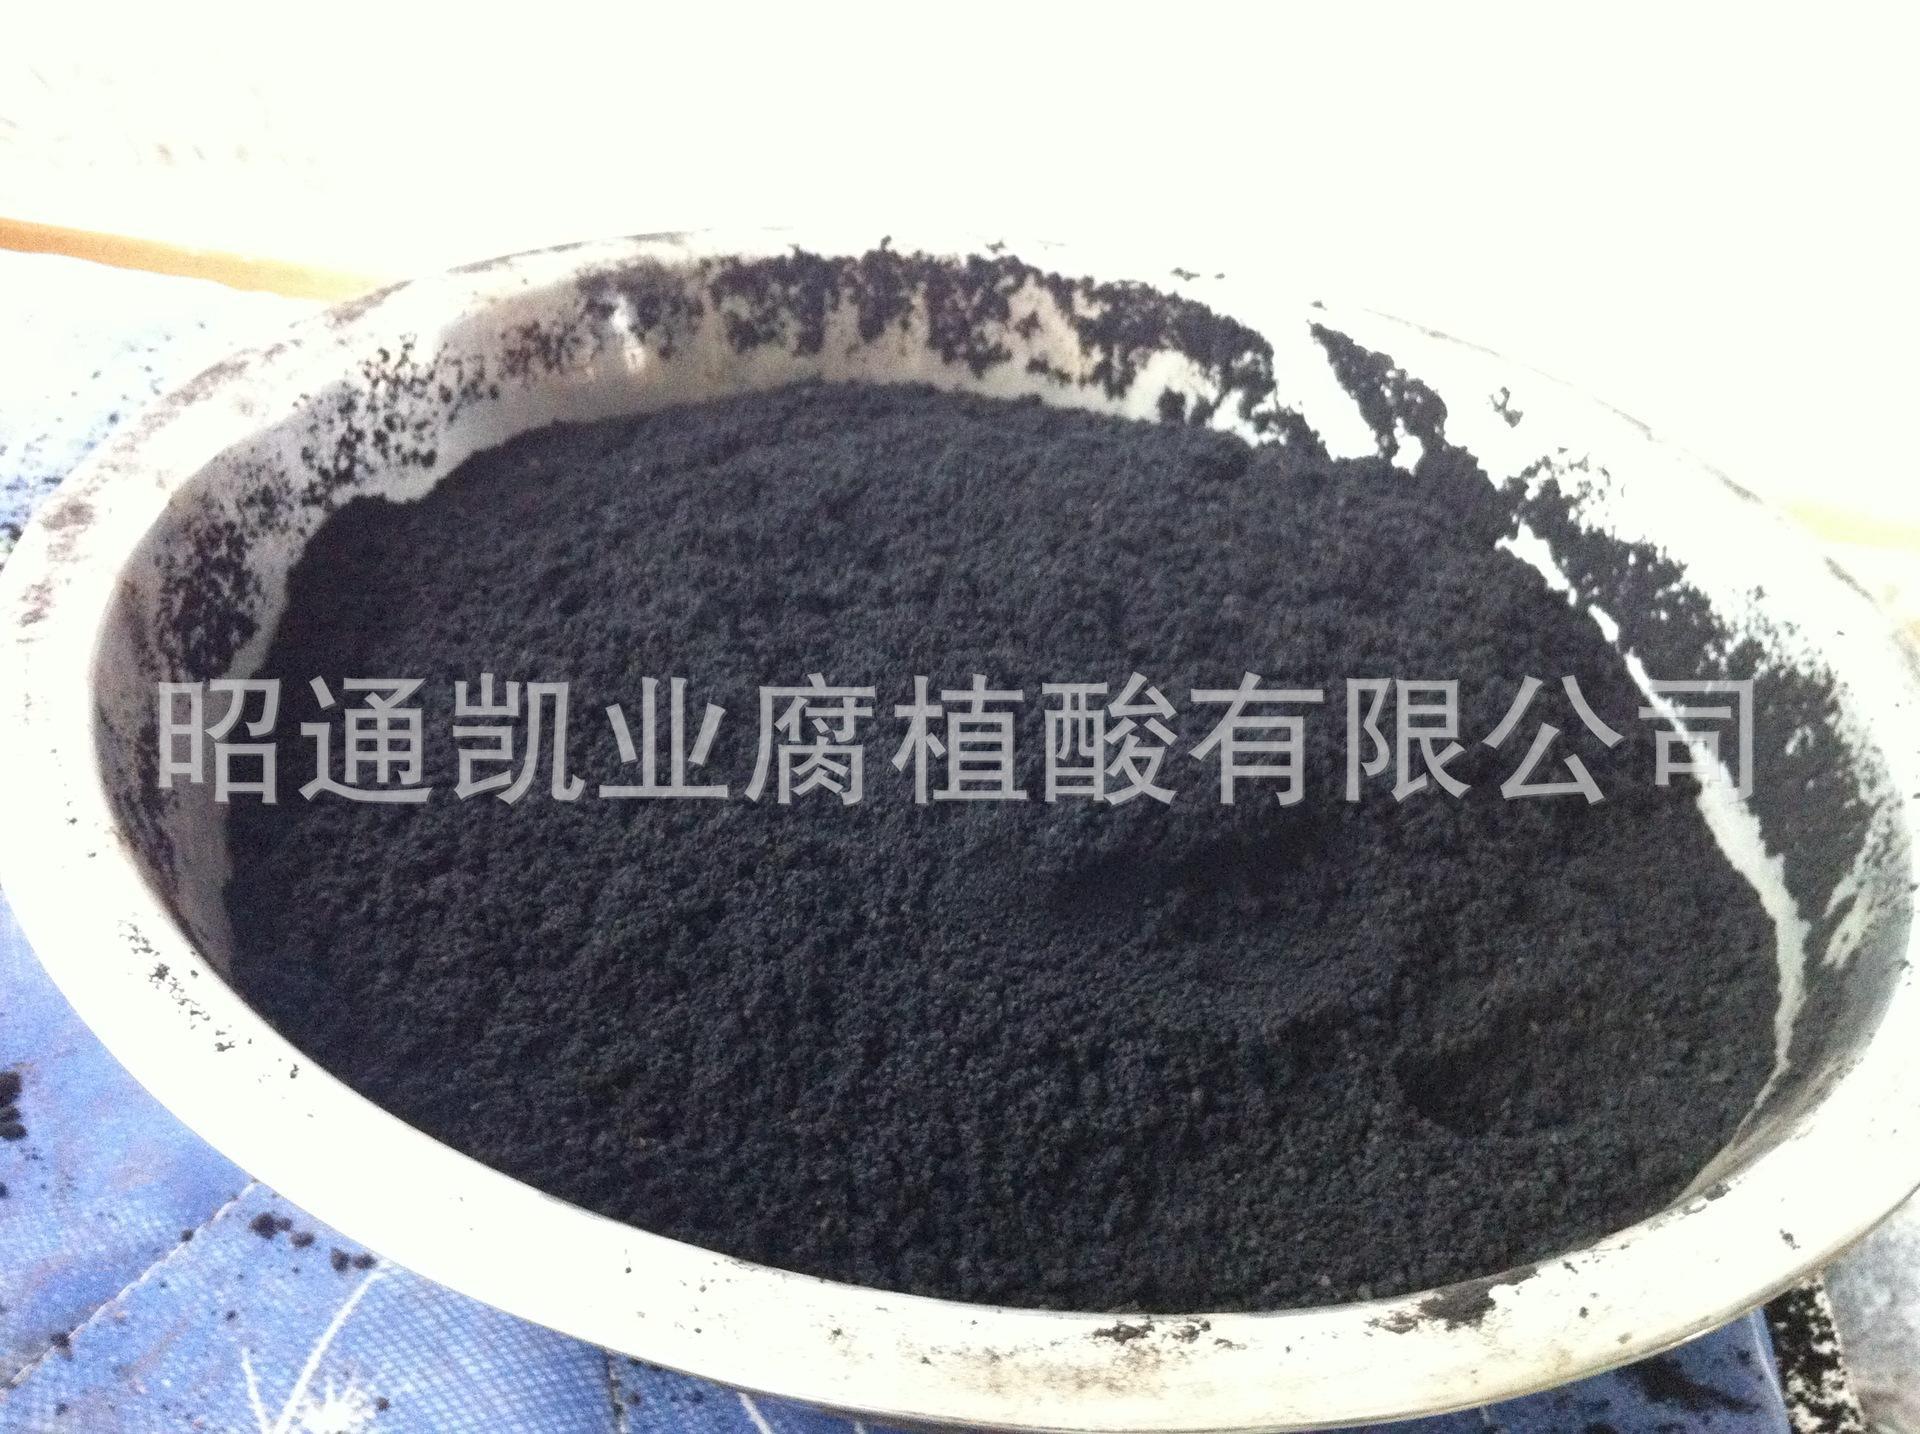 昭通腐植酸原料